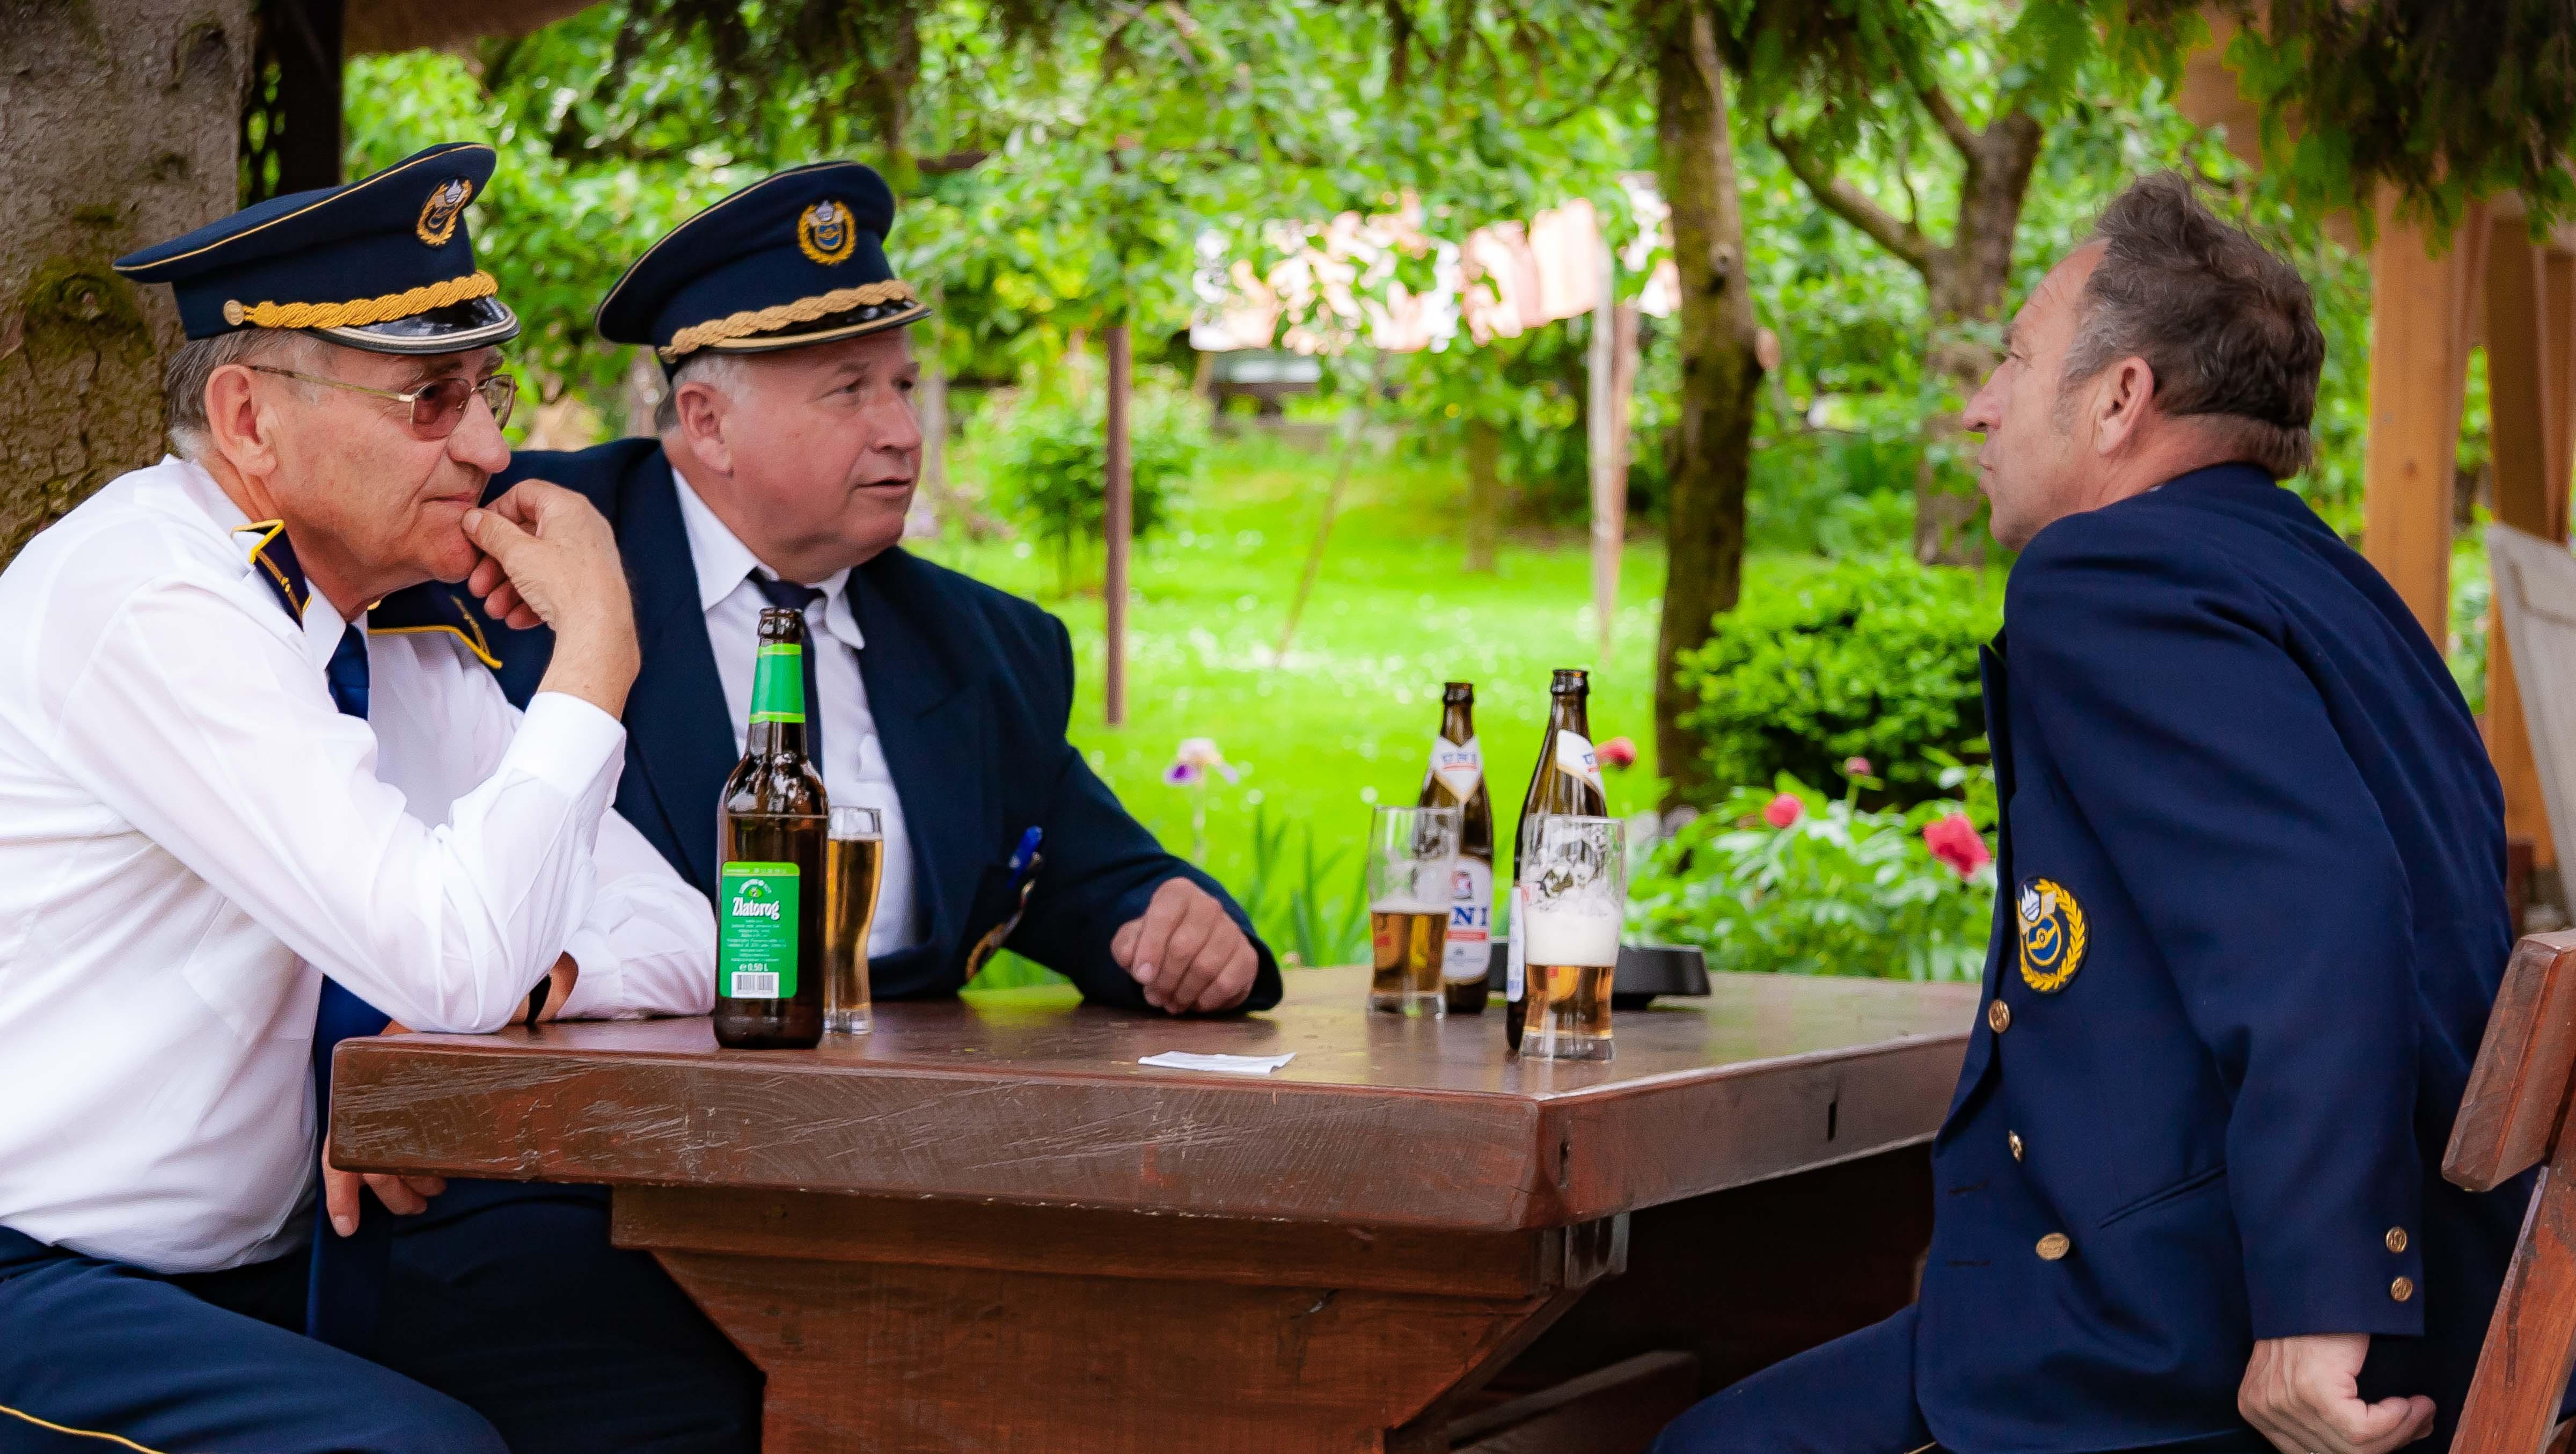 Slovenia, Smarje Pri Jelsah Prov, Enjoying A Beer, 2006, IMG 7937